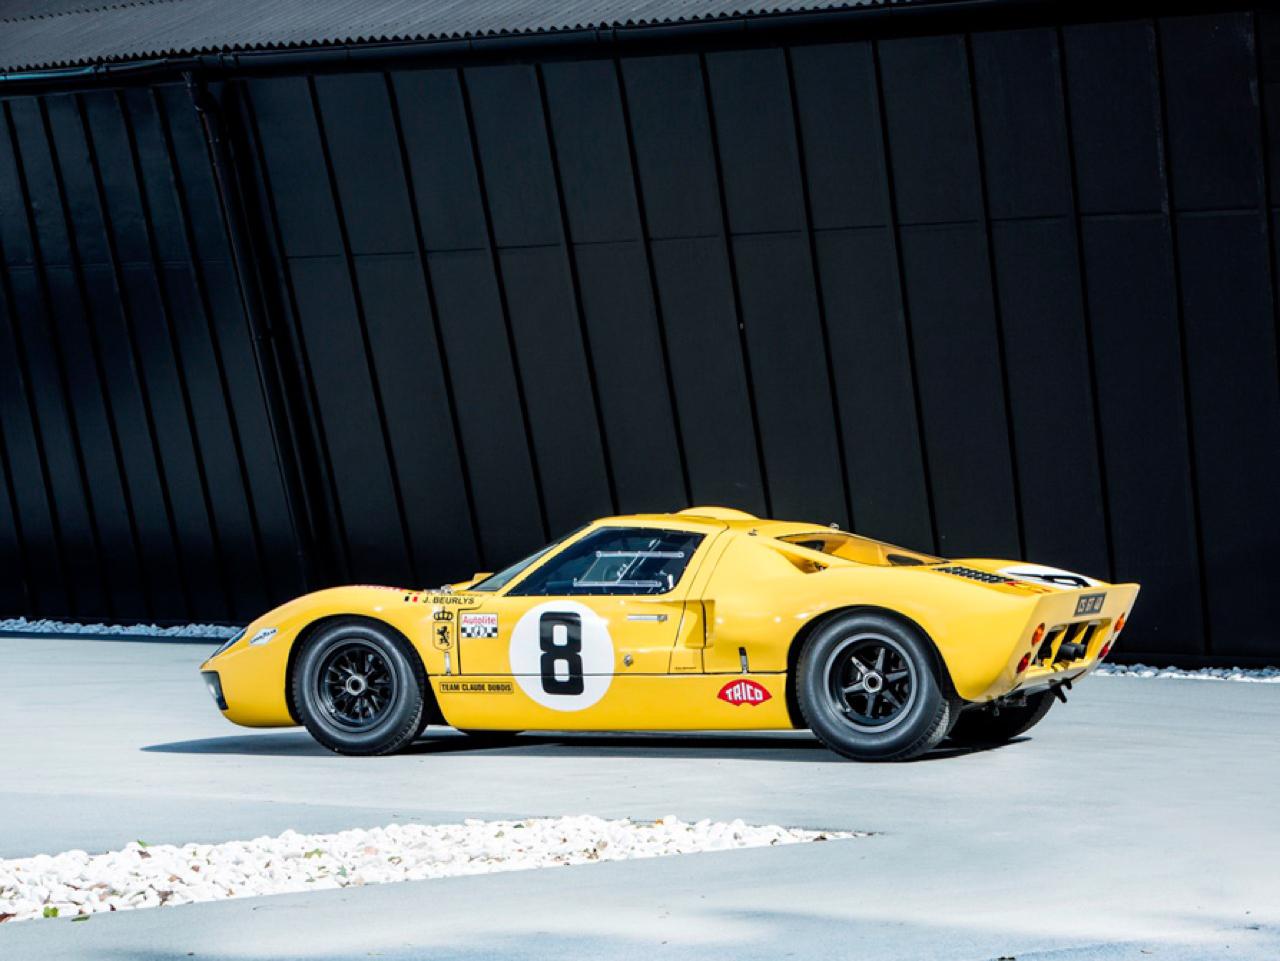 '68 Ford GT40 - Racing queen... 37